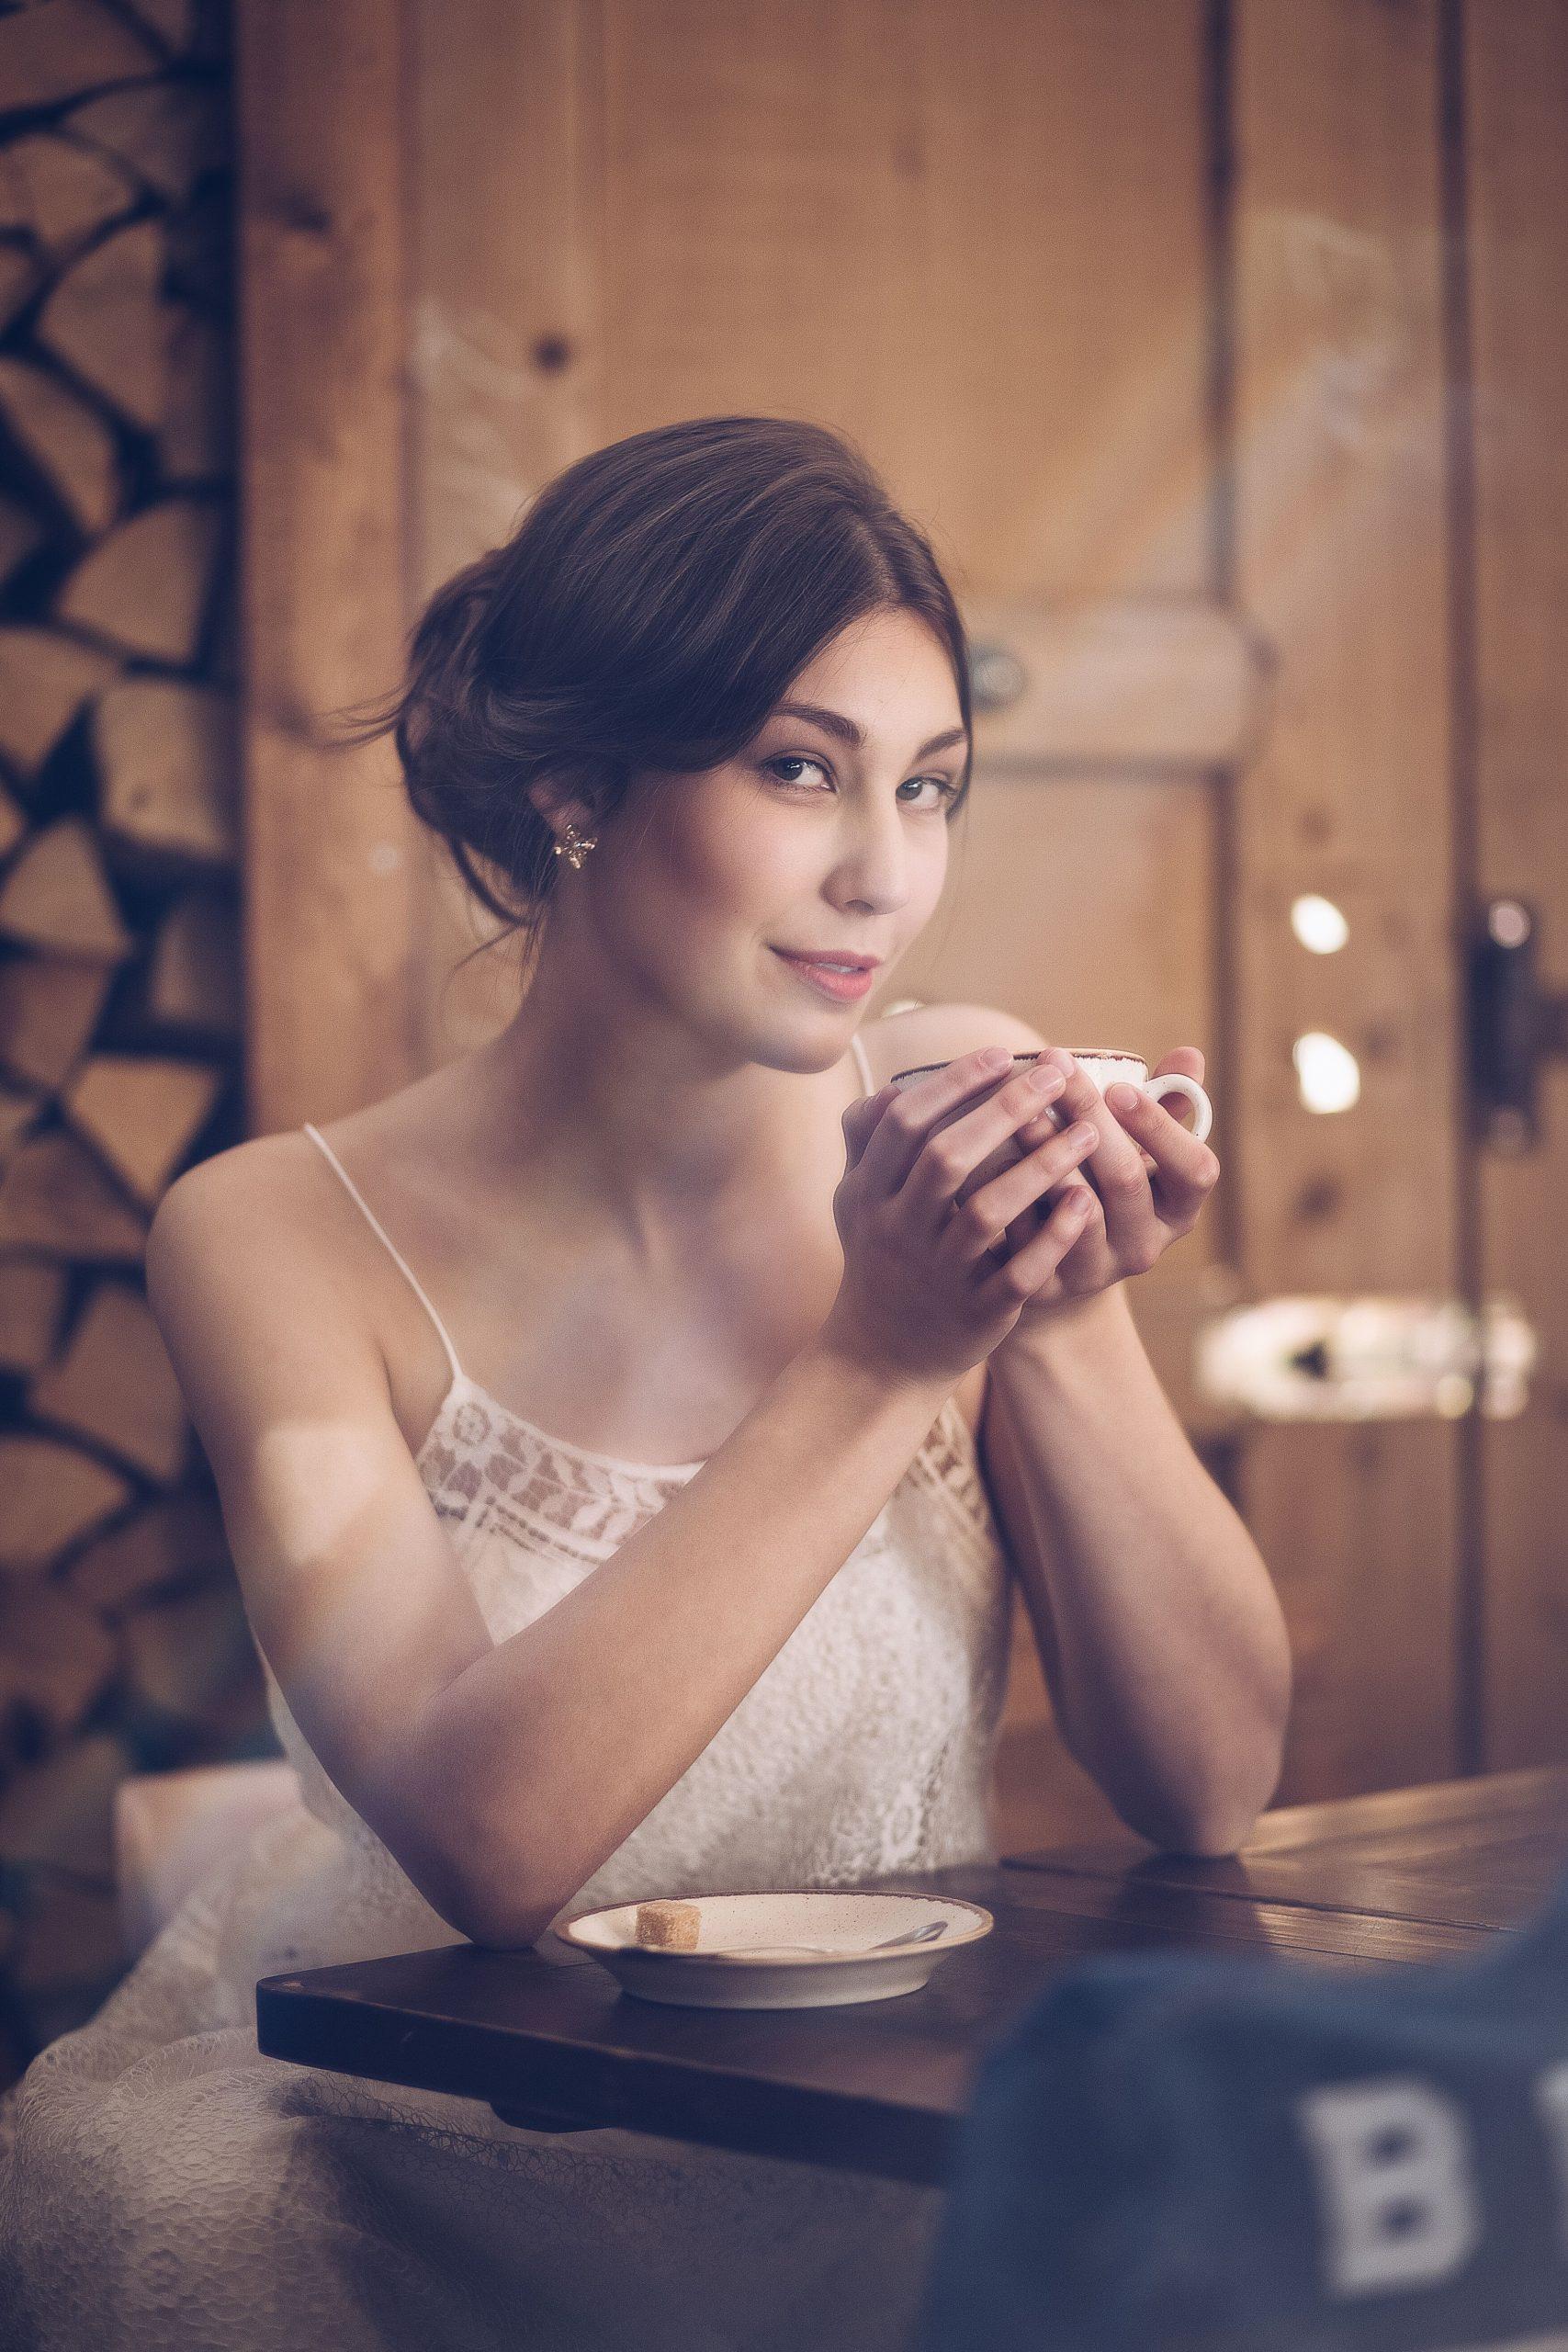 20 Schön Brautkleiderbrautmode Boutique17 Elegant Brautkleiderbrautmode für 2019